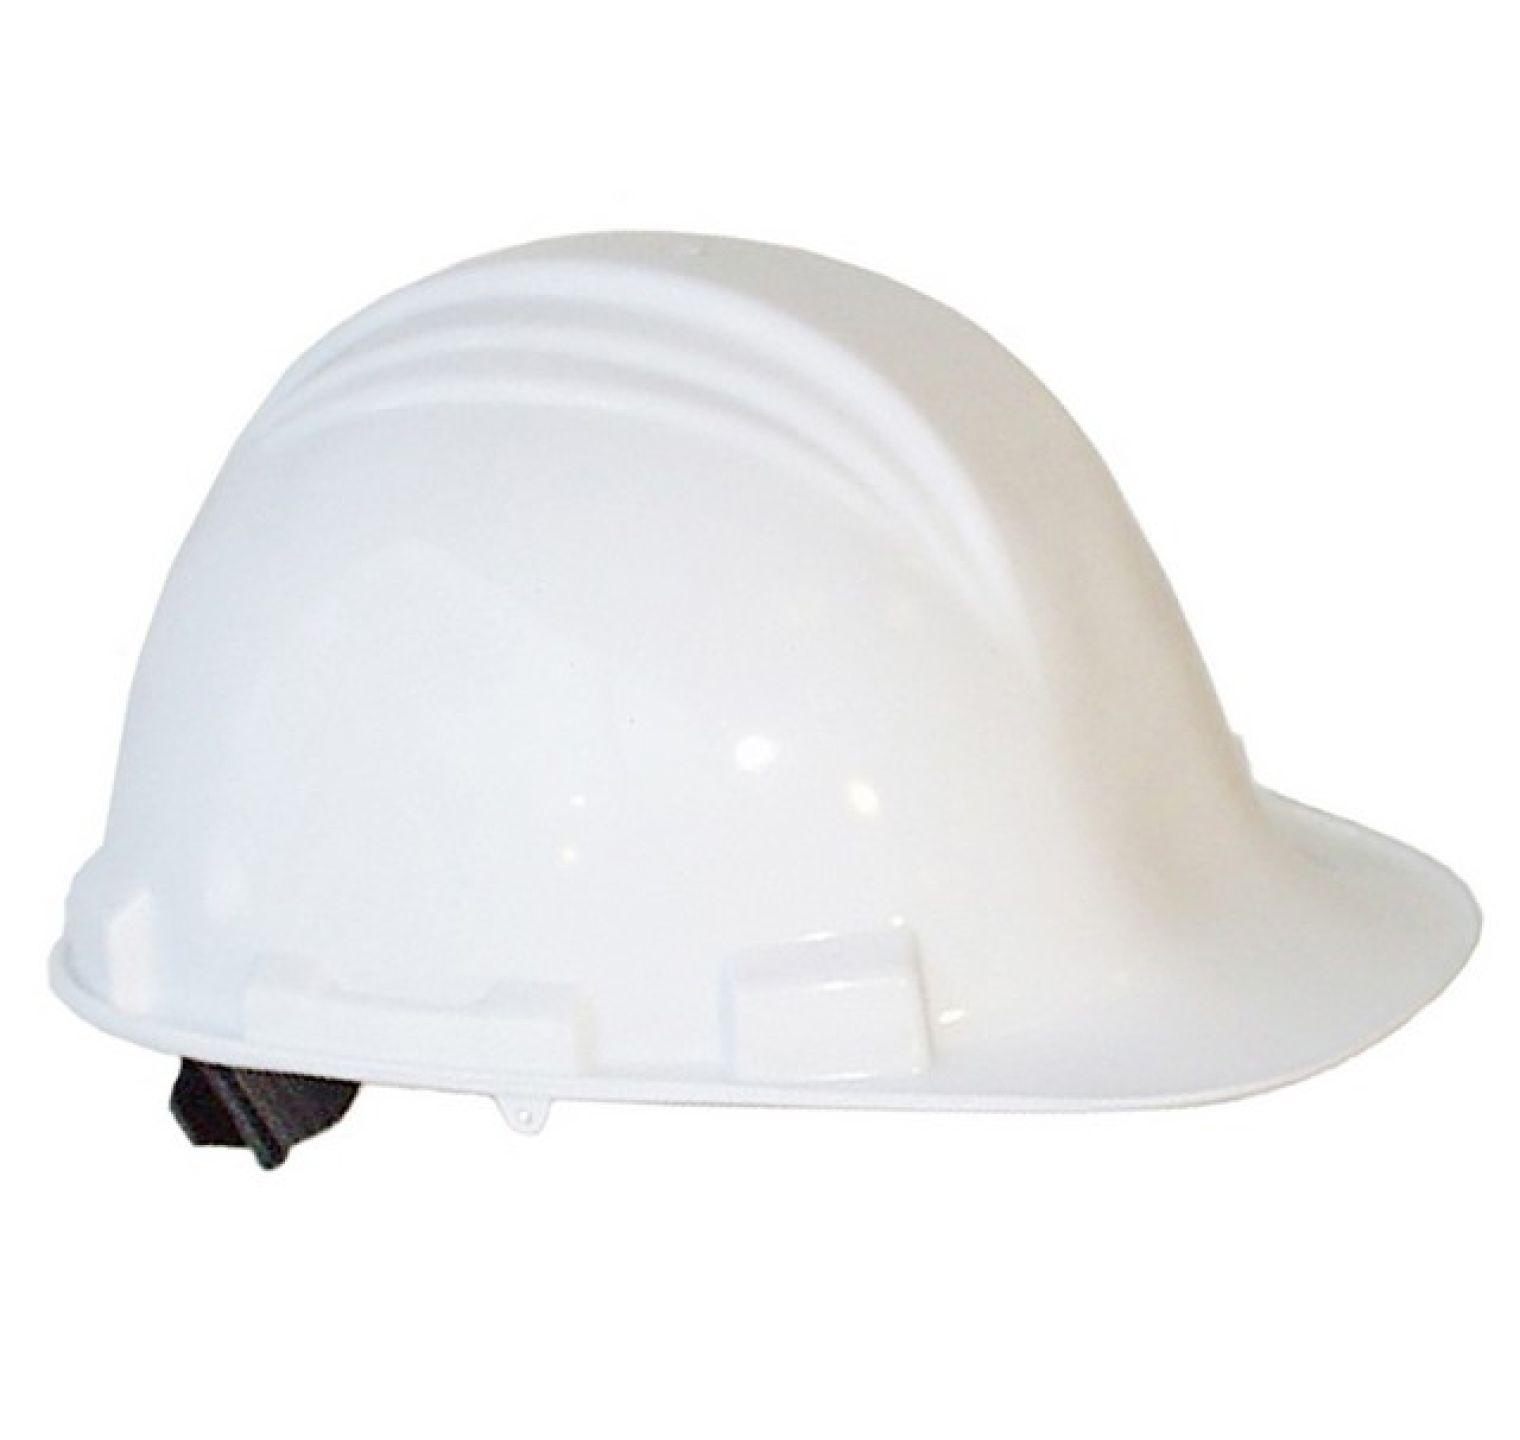 Veiligheidshelm A-safe A79 Wit